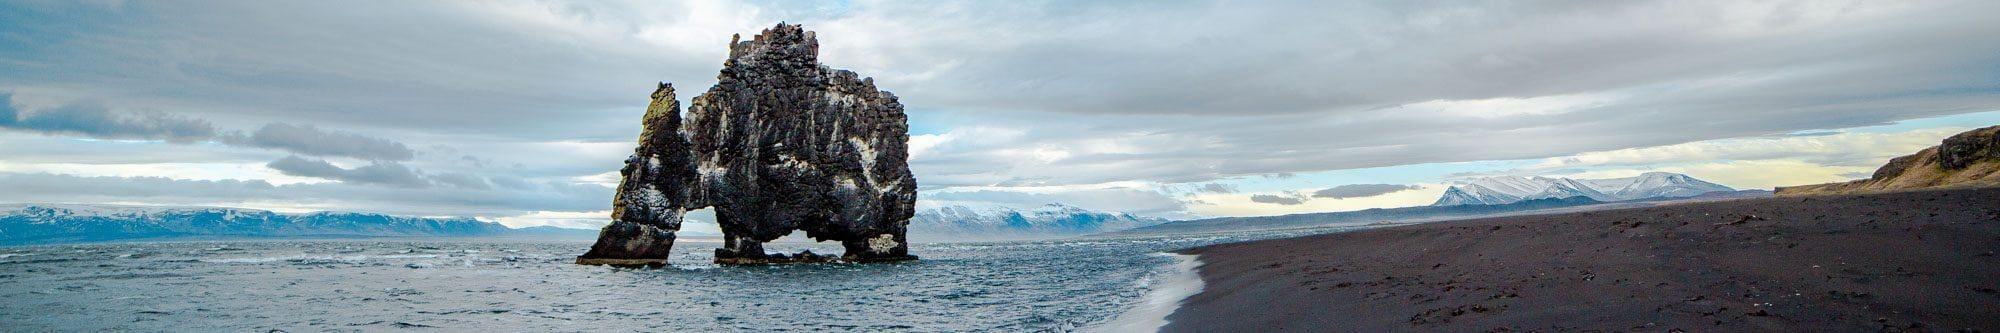 冰岛北部犀牛石